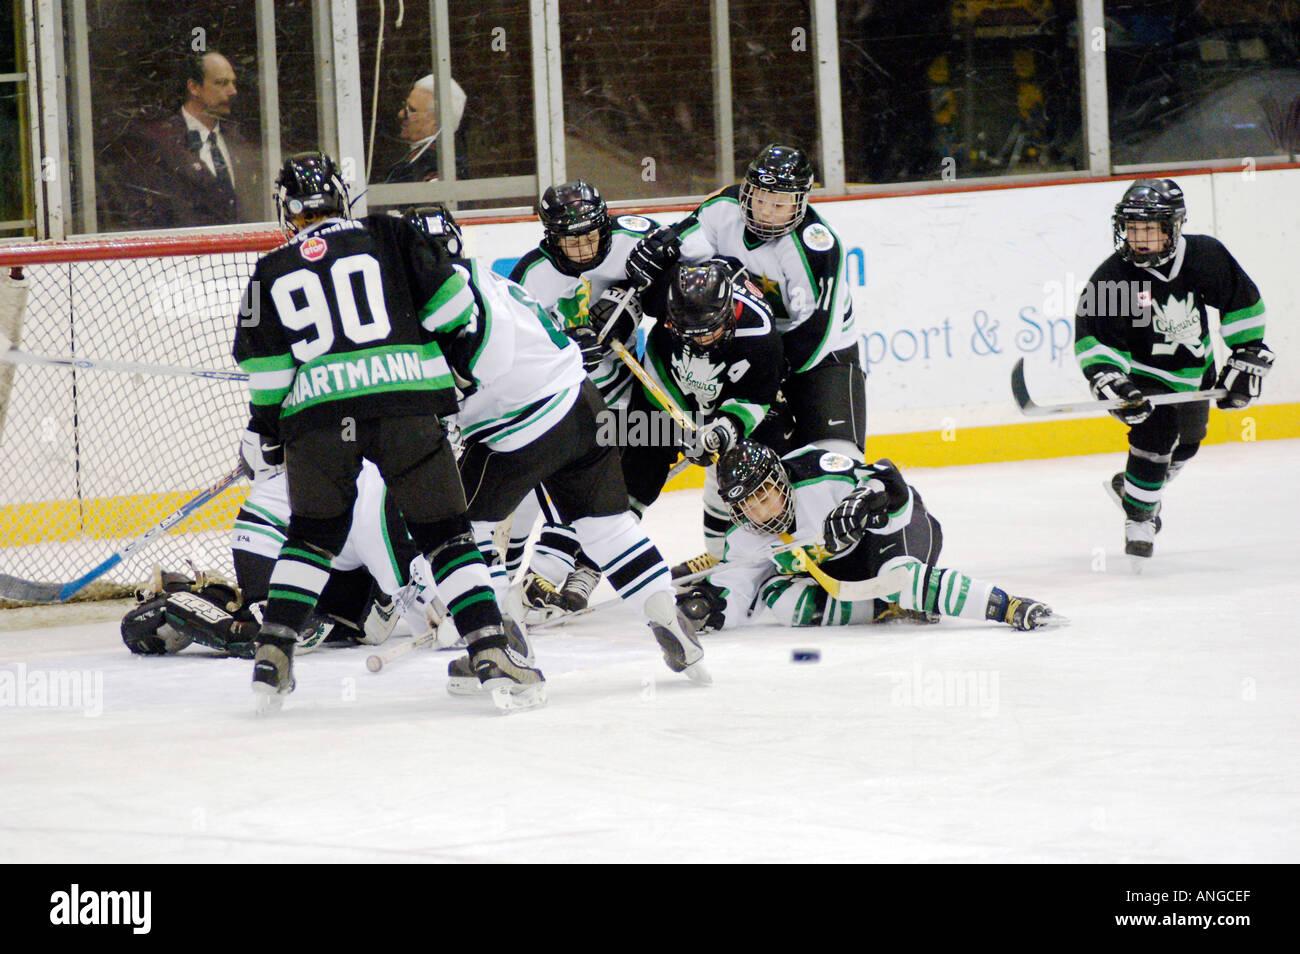 Tournoi de hockey sur glace International Silver Stick action séries éliminatoires de hockey à Port Huron au Michigan Photo Stock